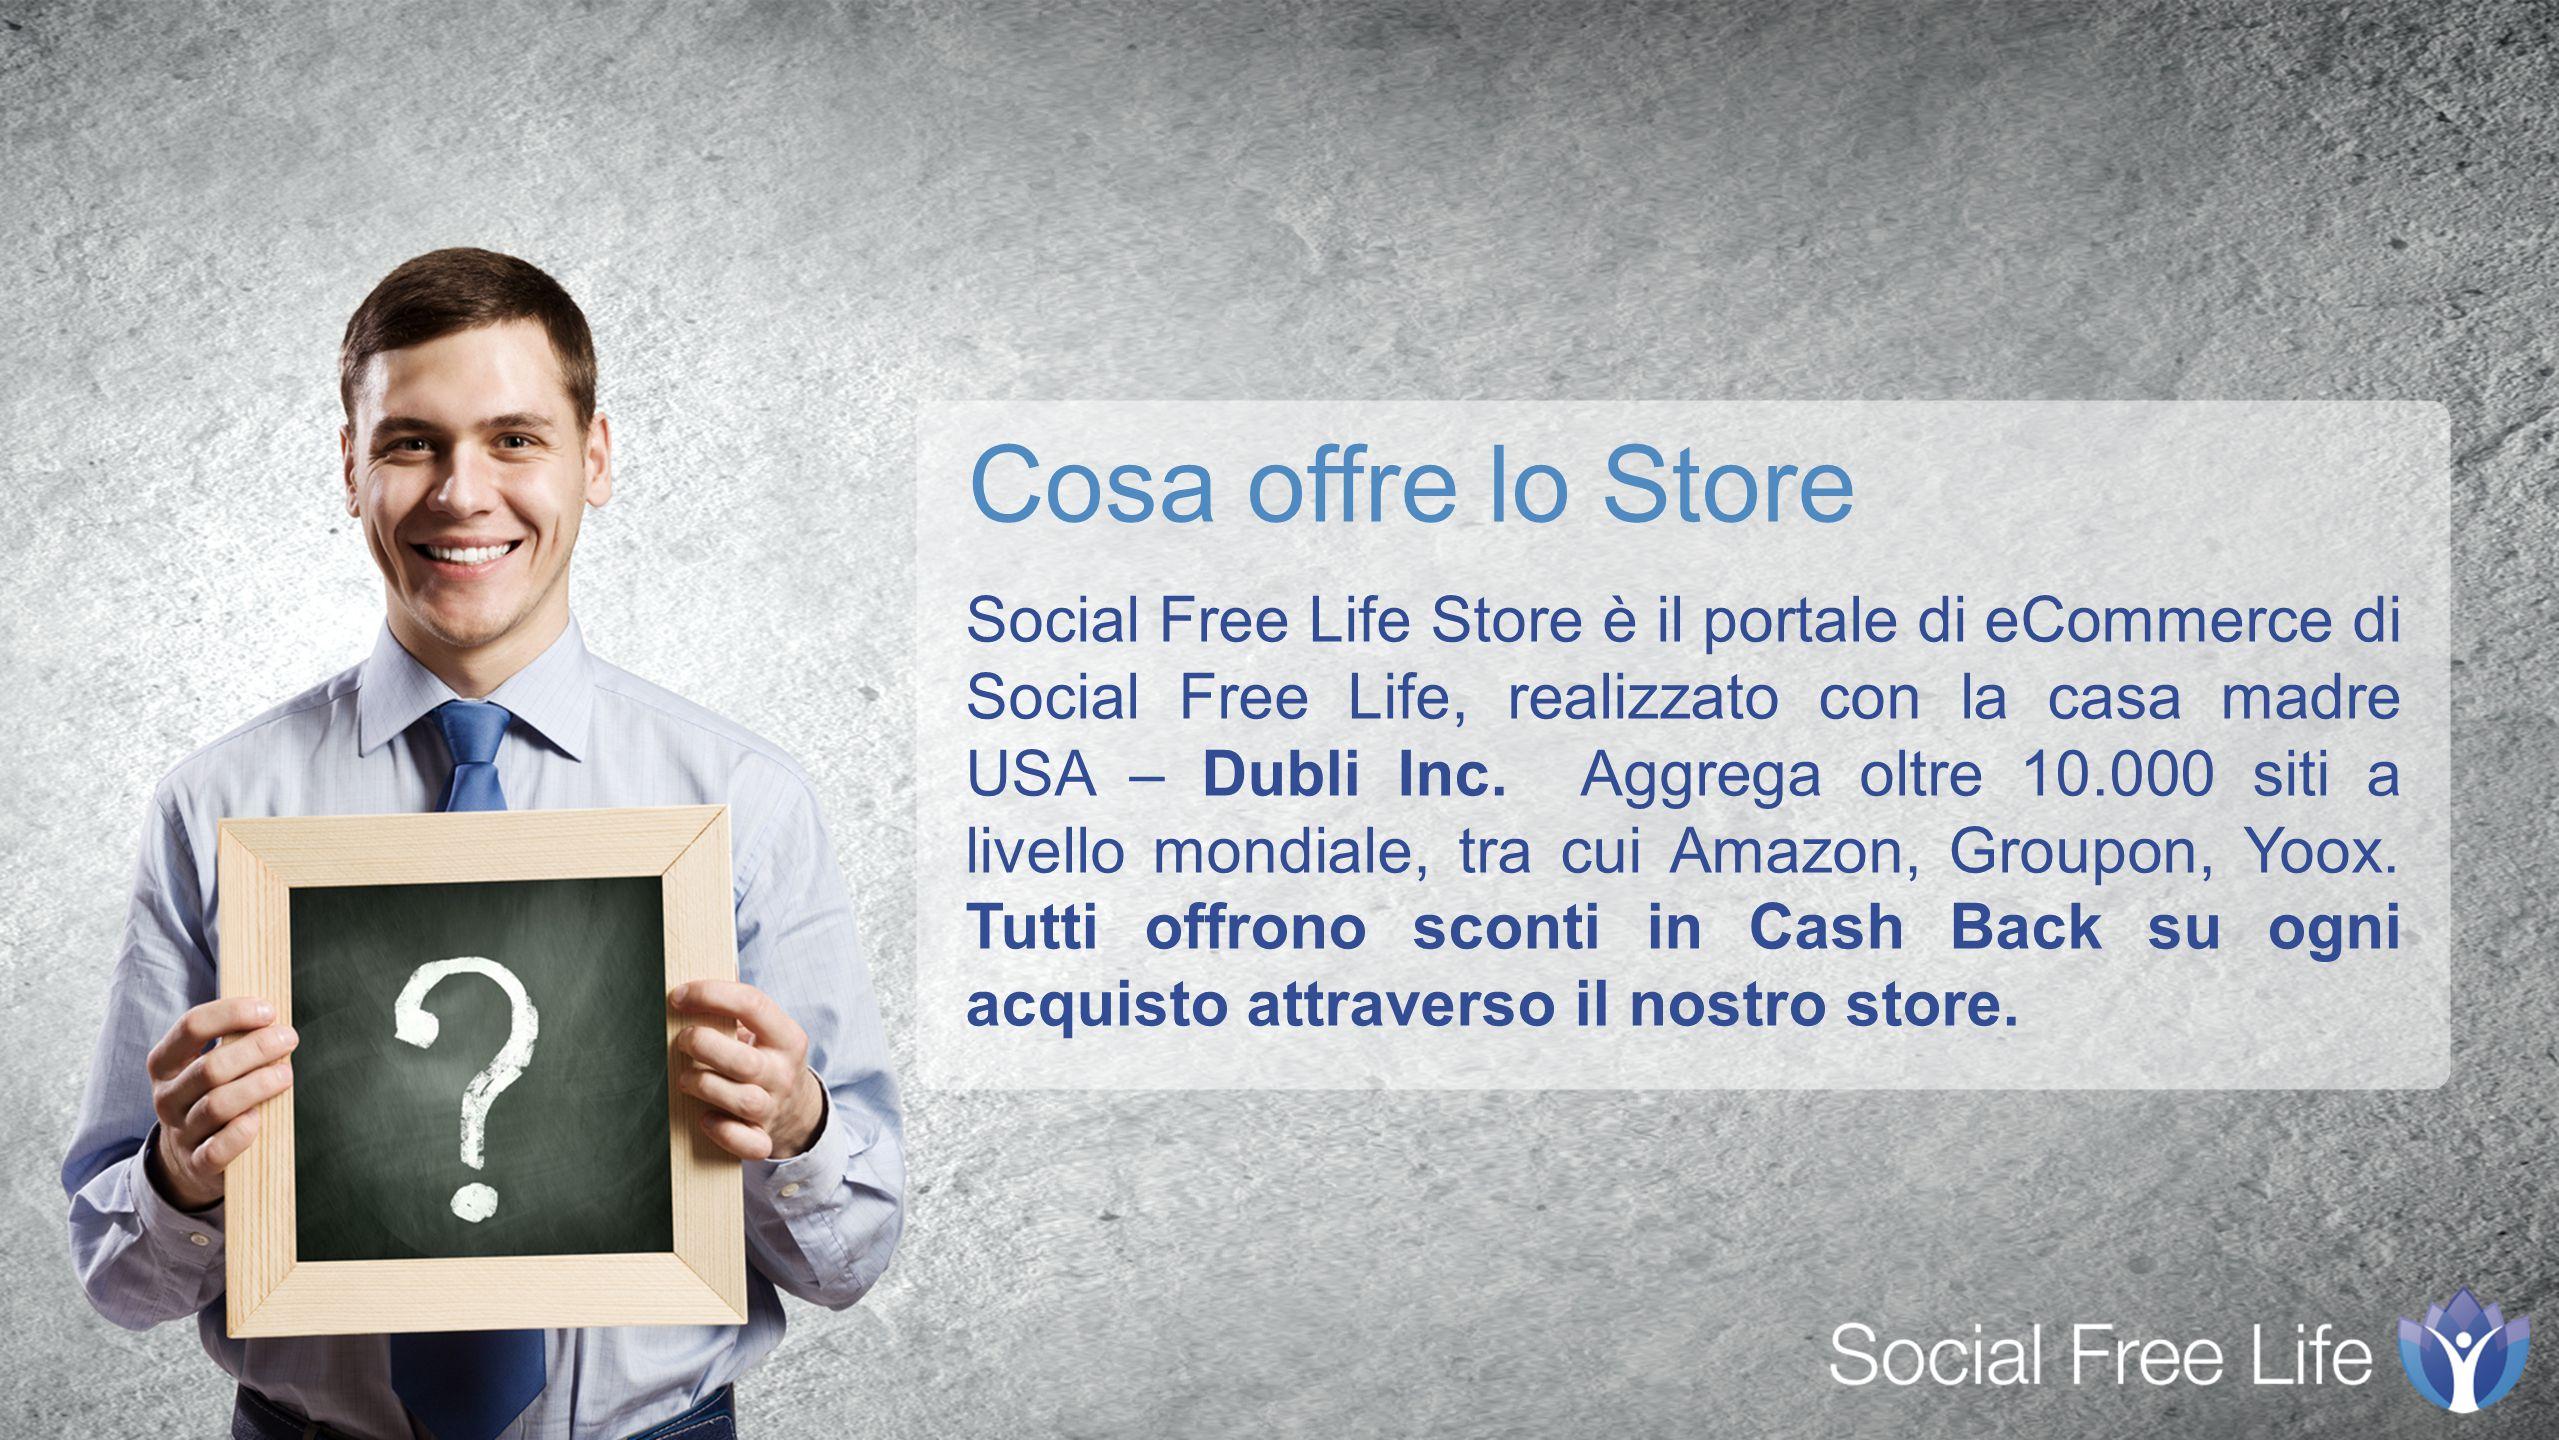 Social Free Life Store è il portale di eCommerce di Social Free Life, realizzato con la casa madre USA – Dubli Inc.